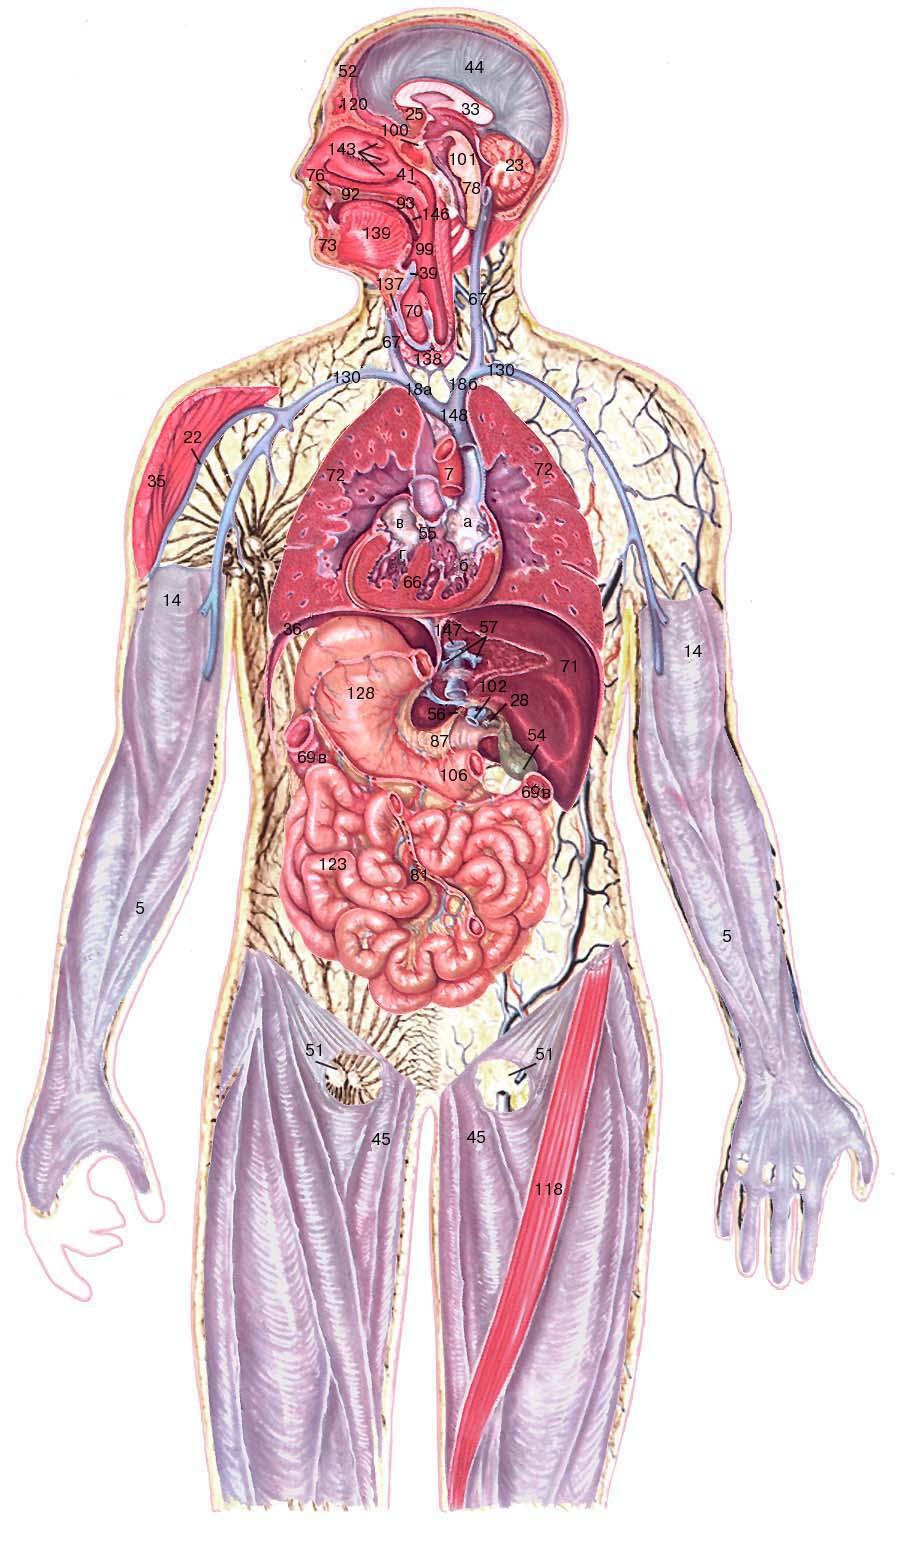 организм человека является для паразита средой обитания